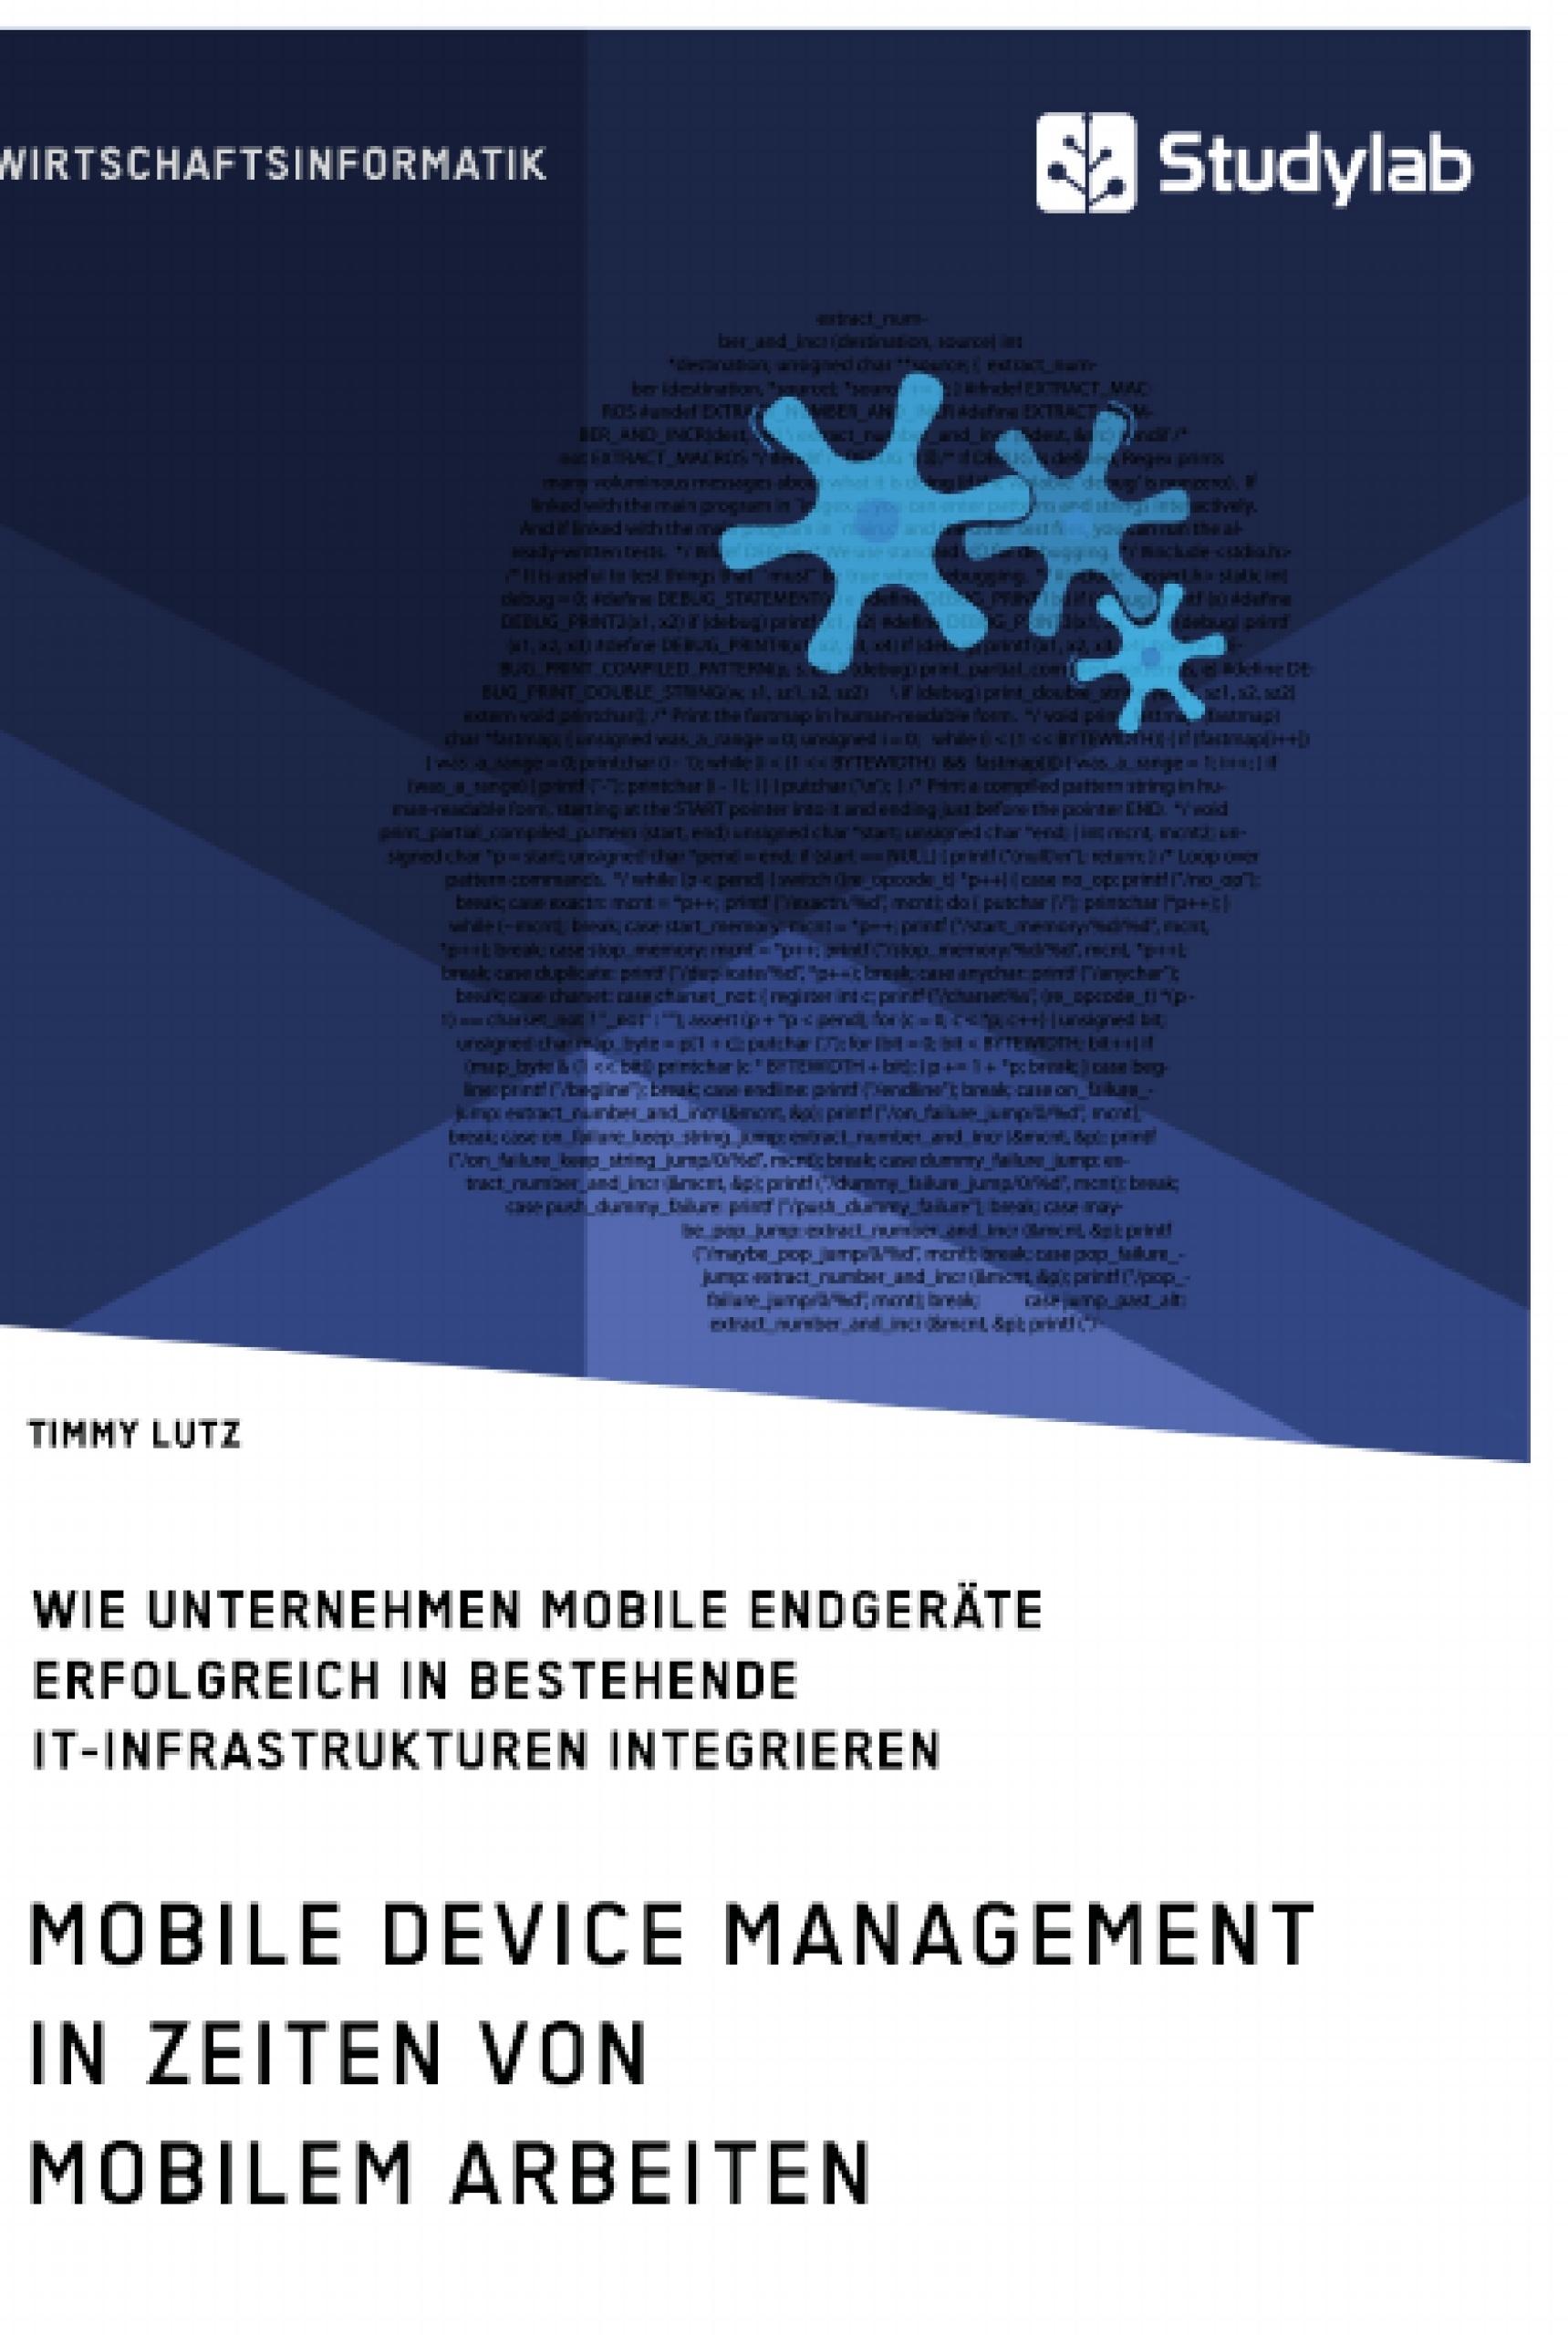 Titel: Mobile Device Management in Zeiten von mobilem Arbeiten. Wie Unternehmen mobile Endgeräte erfolgreich in bestehende IT-Infrastrukturen integrieren